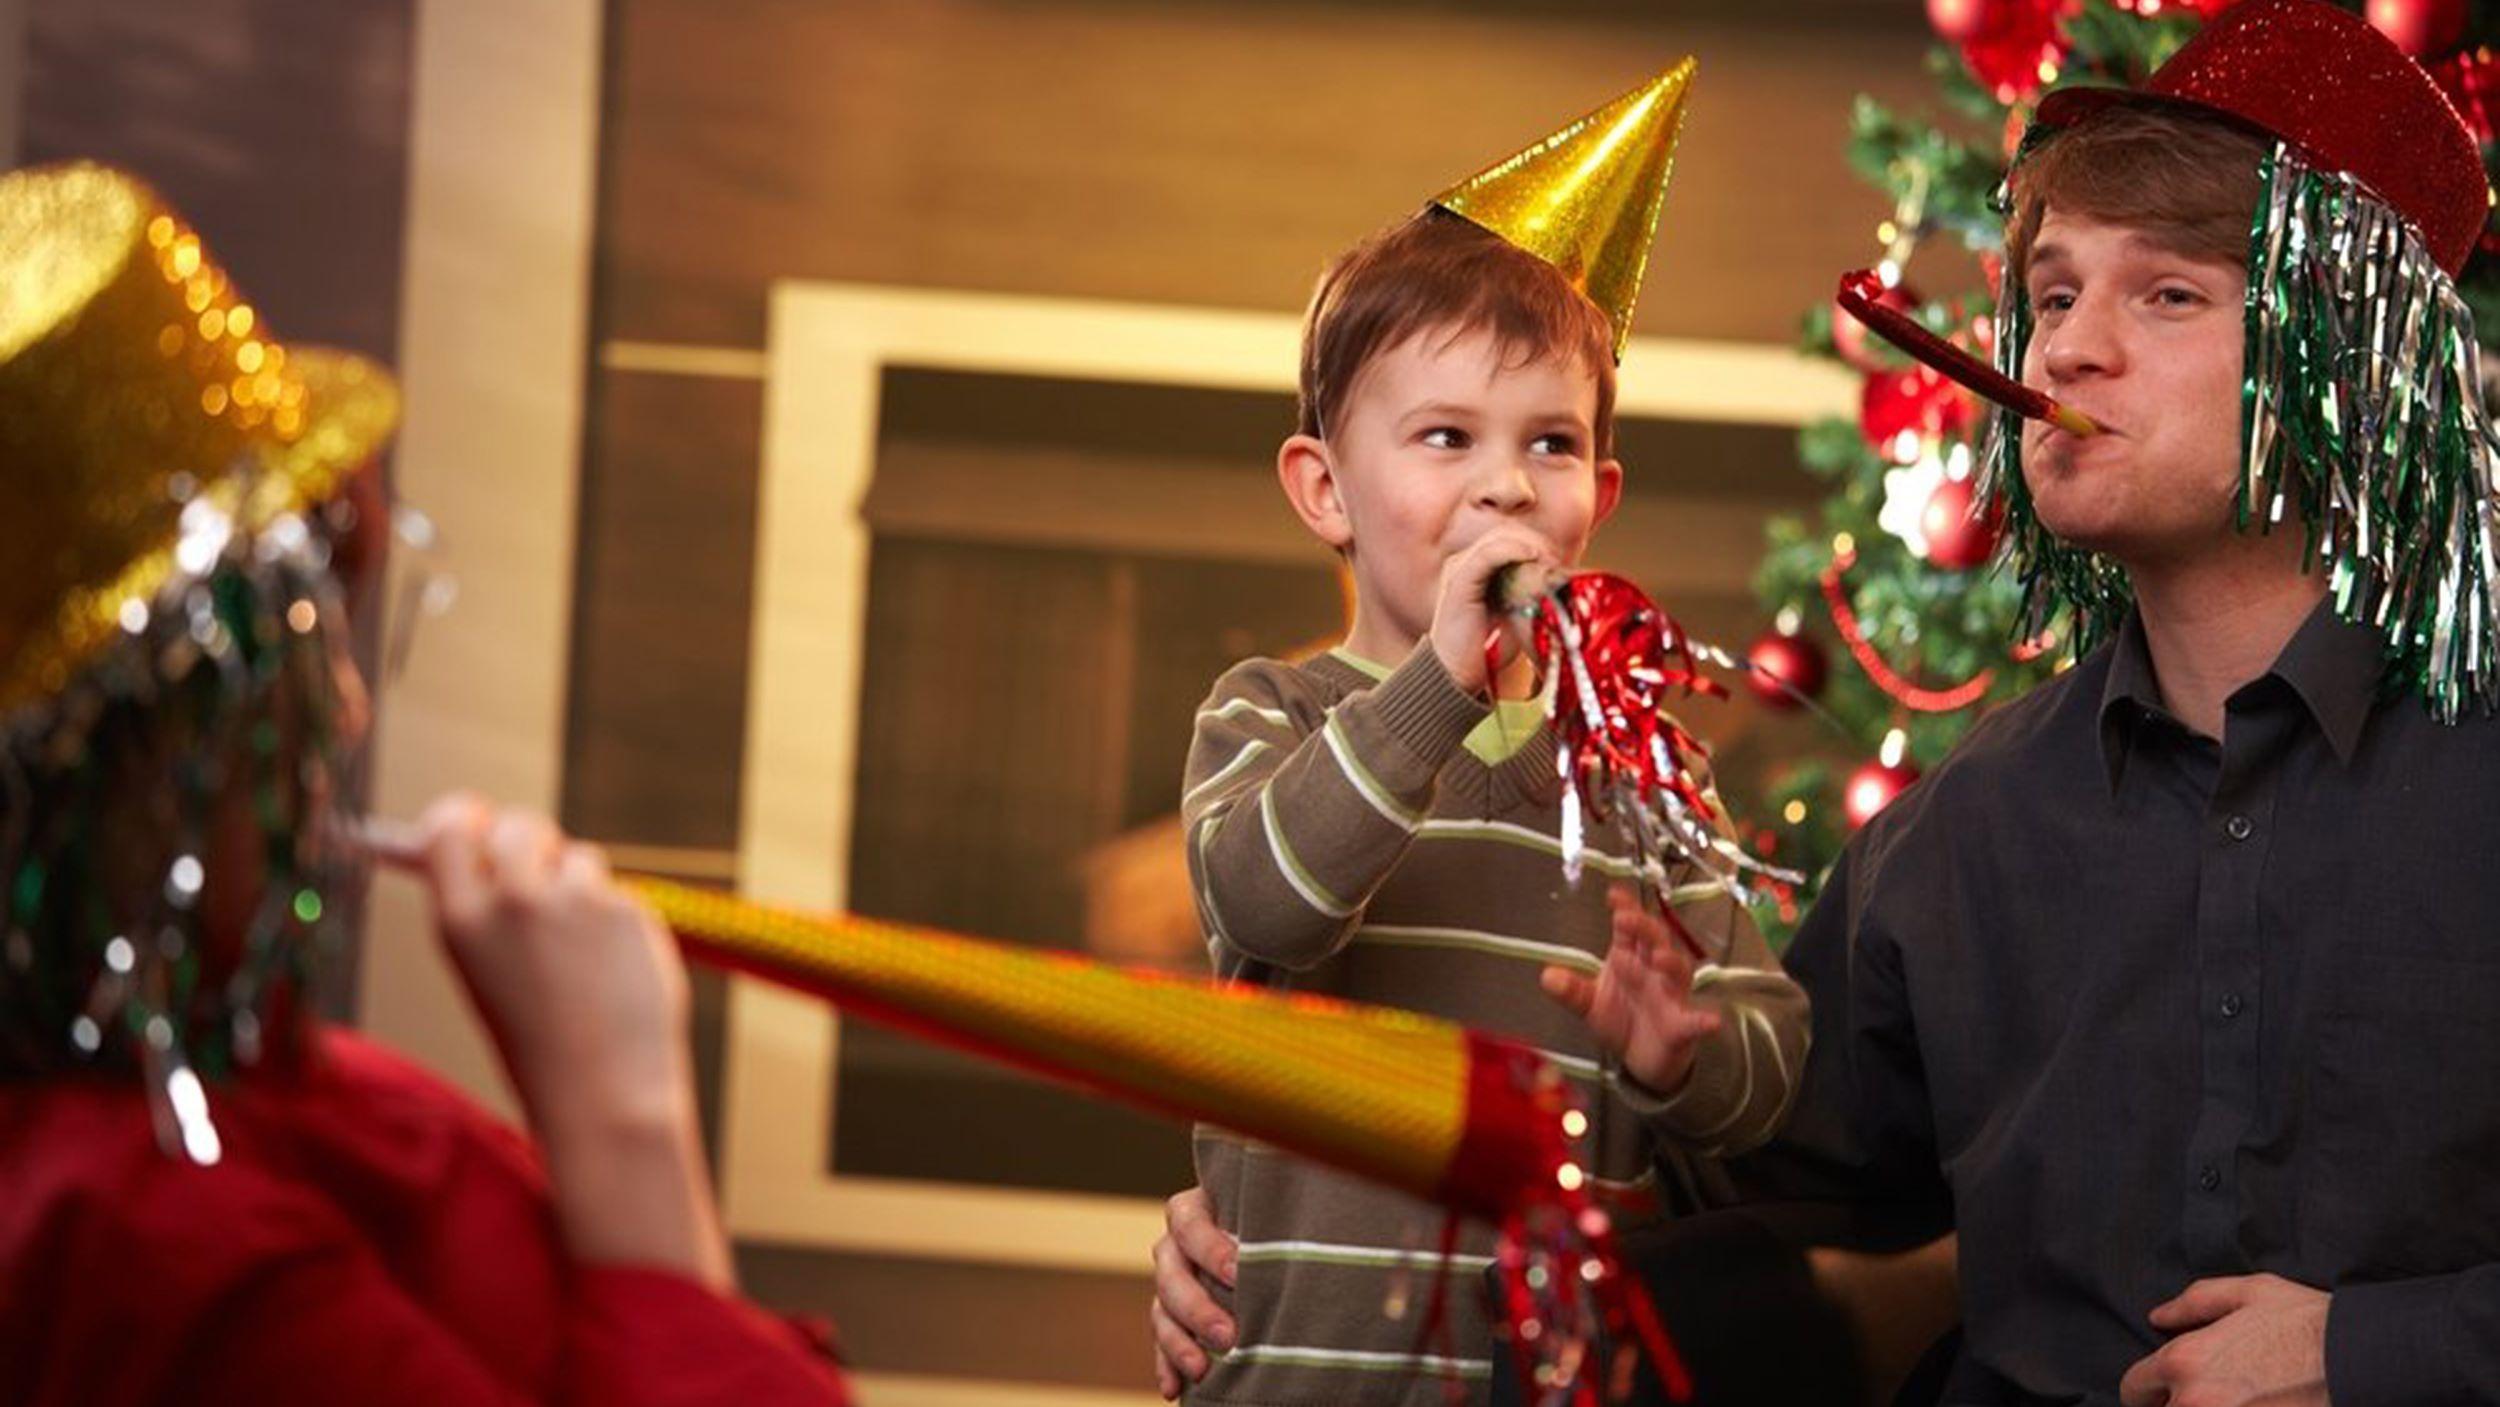 какие можно внести традиции в семье на празднования новейший год